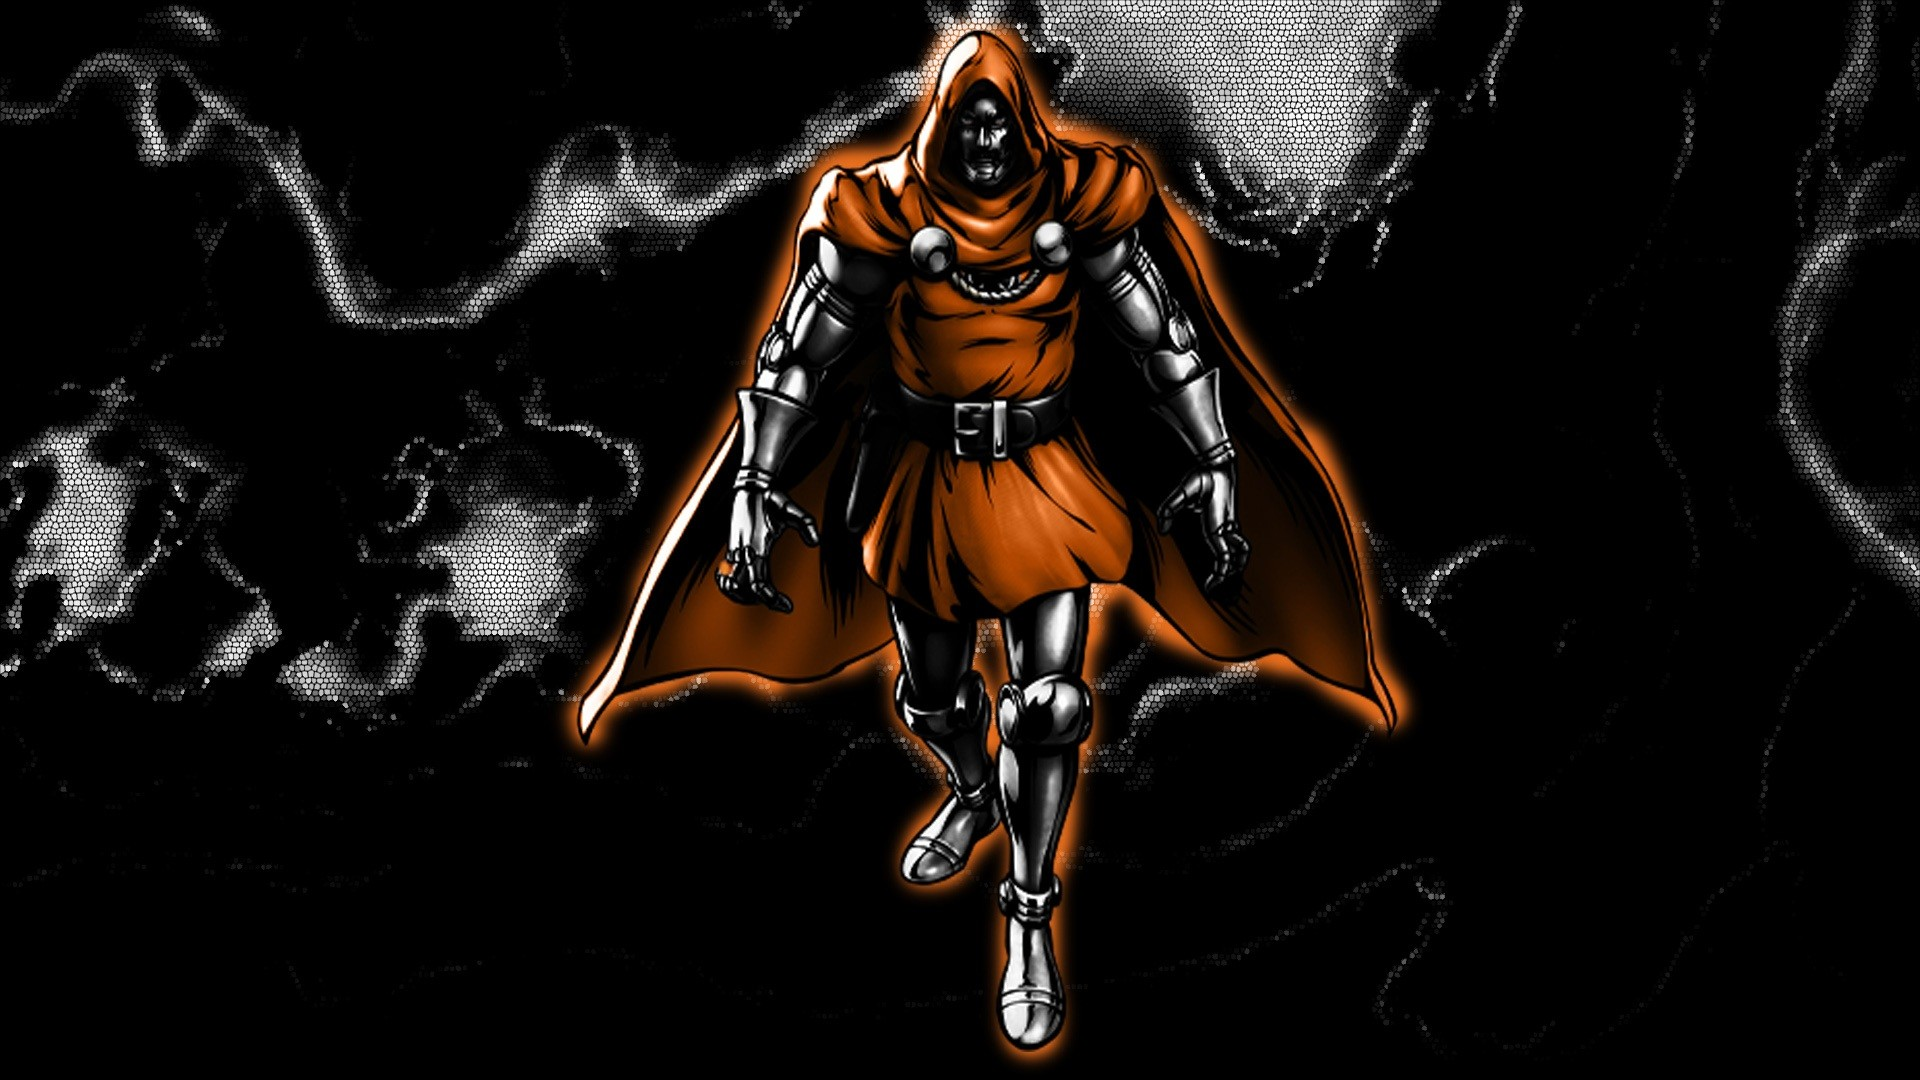 … Dr. Doom Agent Orange by 666Darks